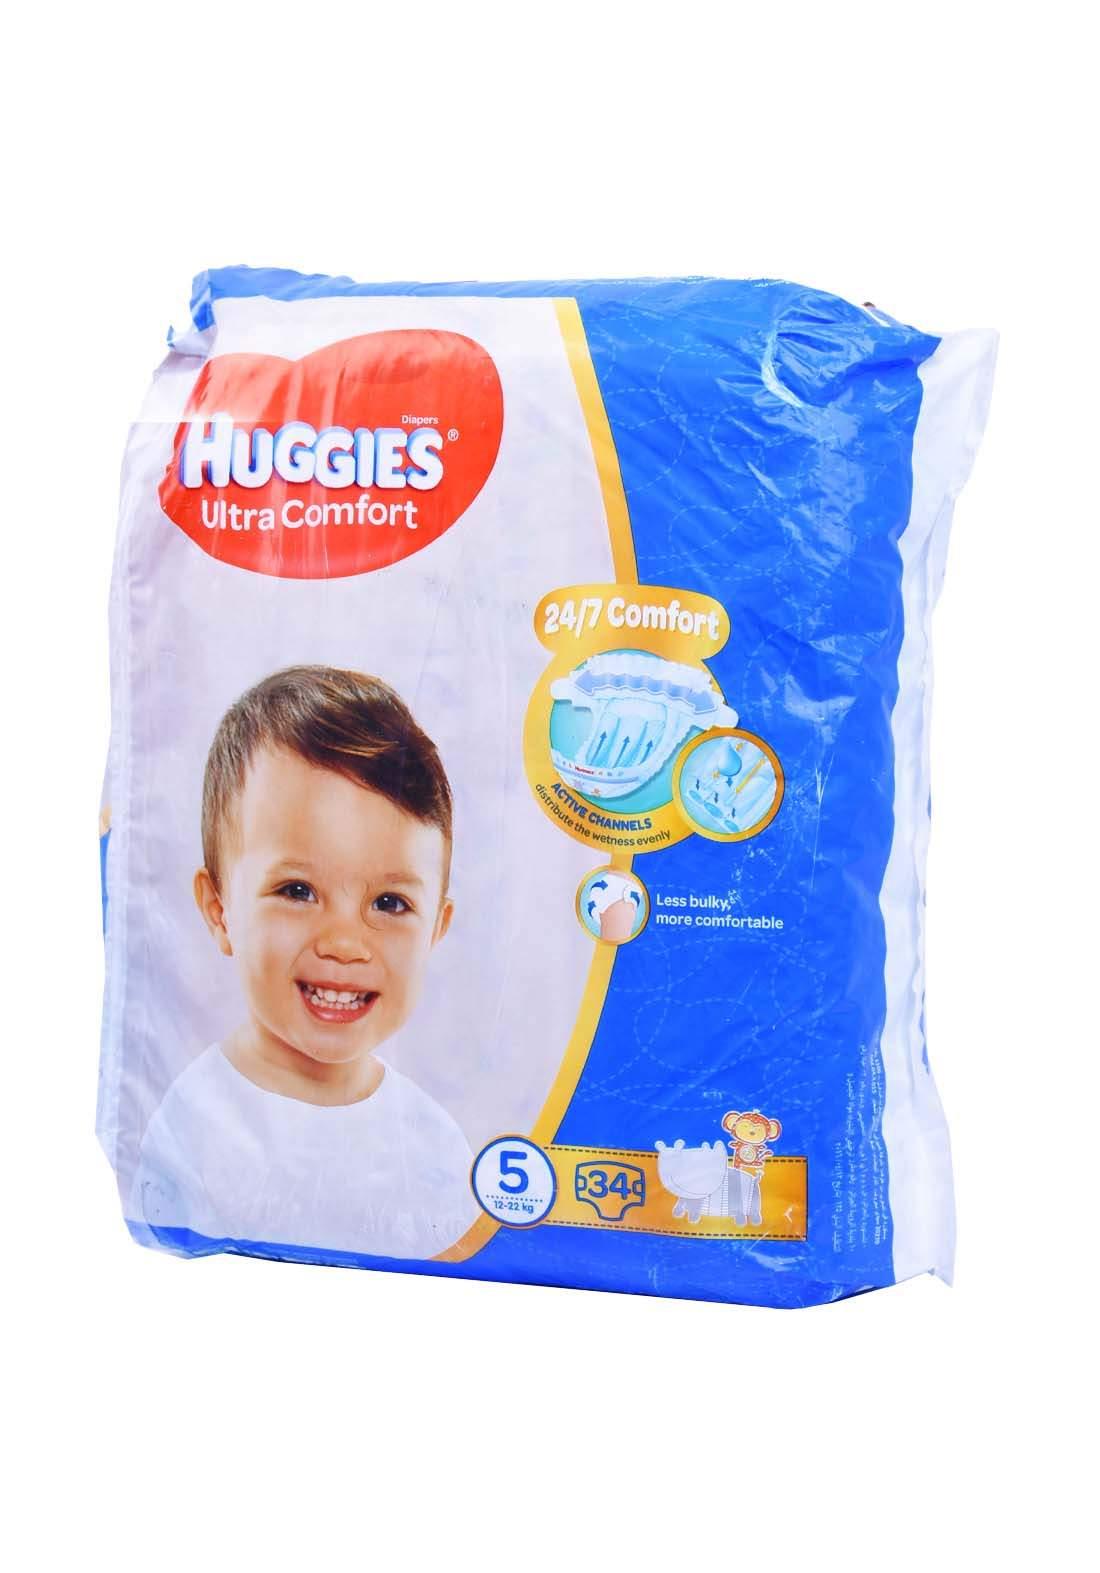 Huggies 12-22 Kg 34 Pcs حفاضات هجيز للاطفال عادي رقم 5